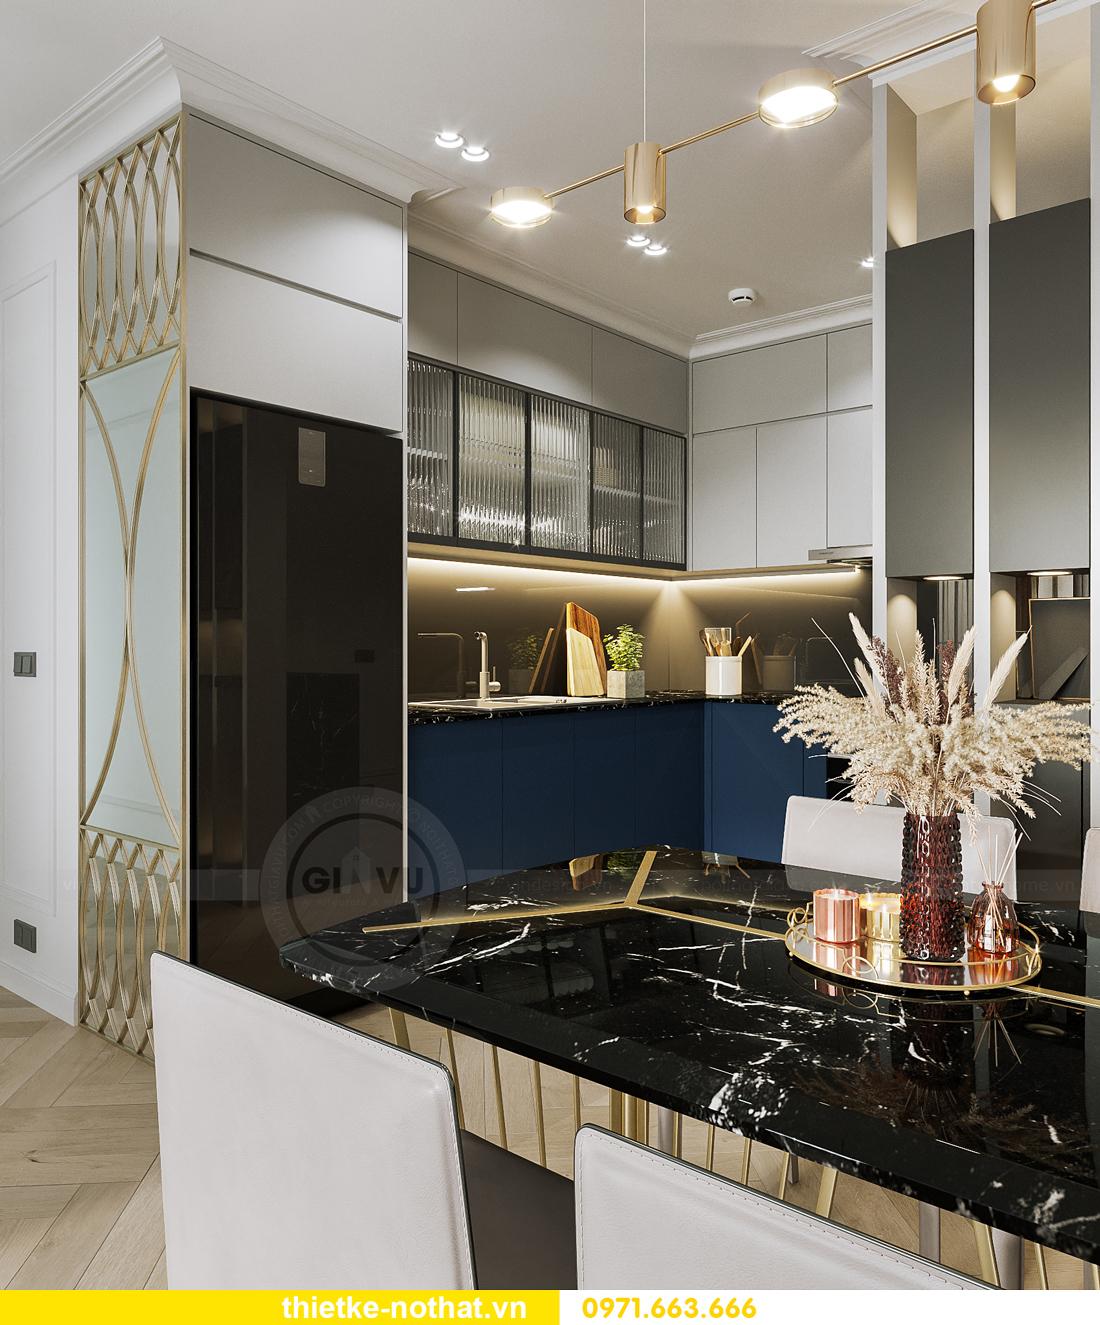 thiết kế nội thất Smart City tòa S102 căn 17 nhà chị Hà 3